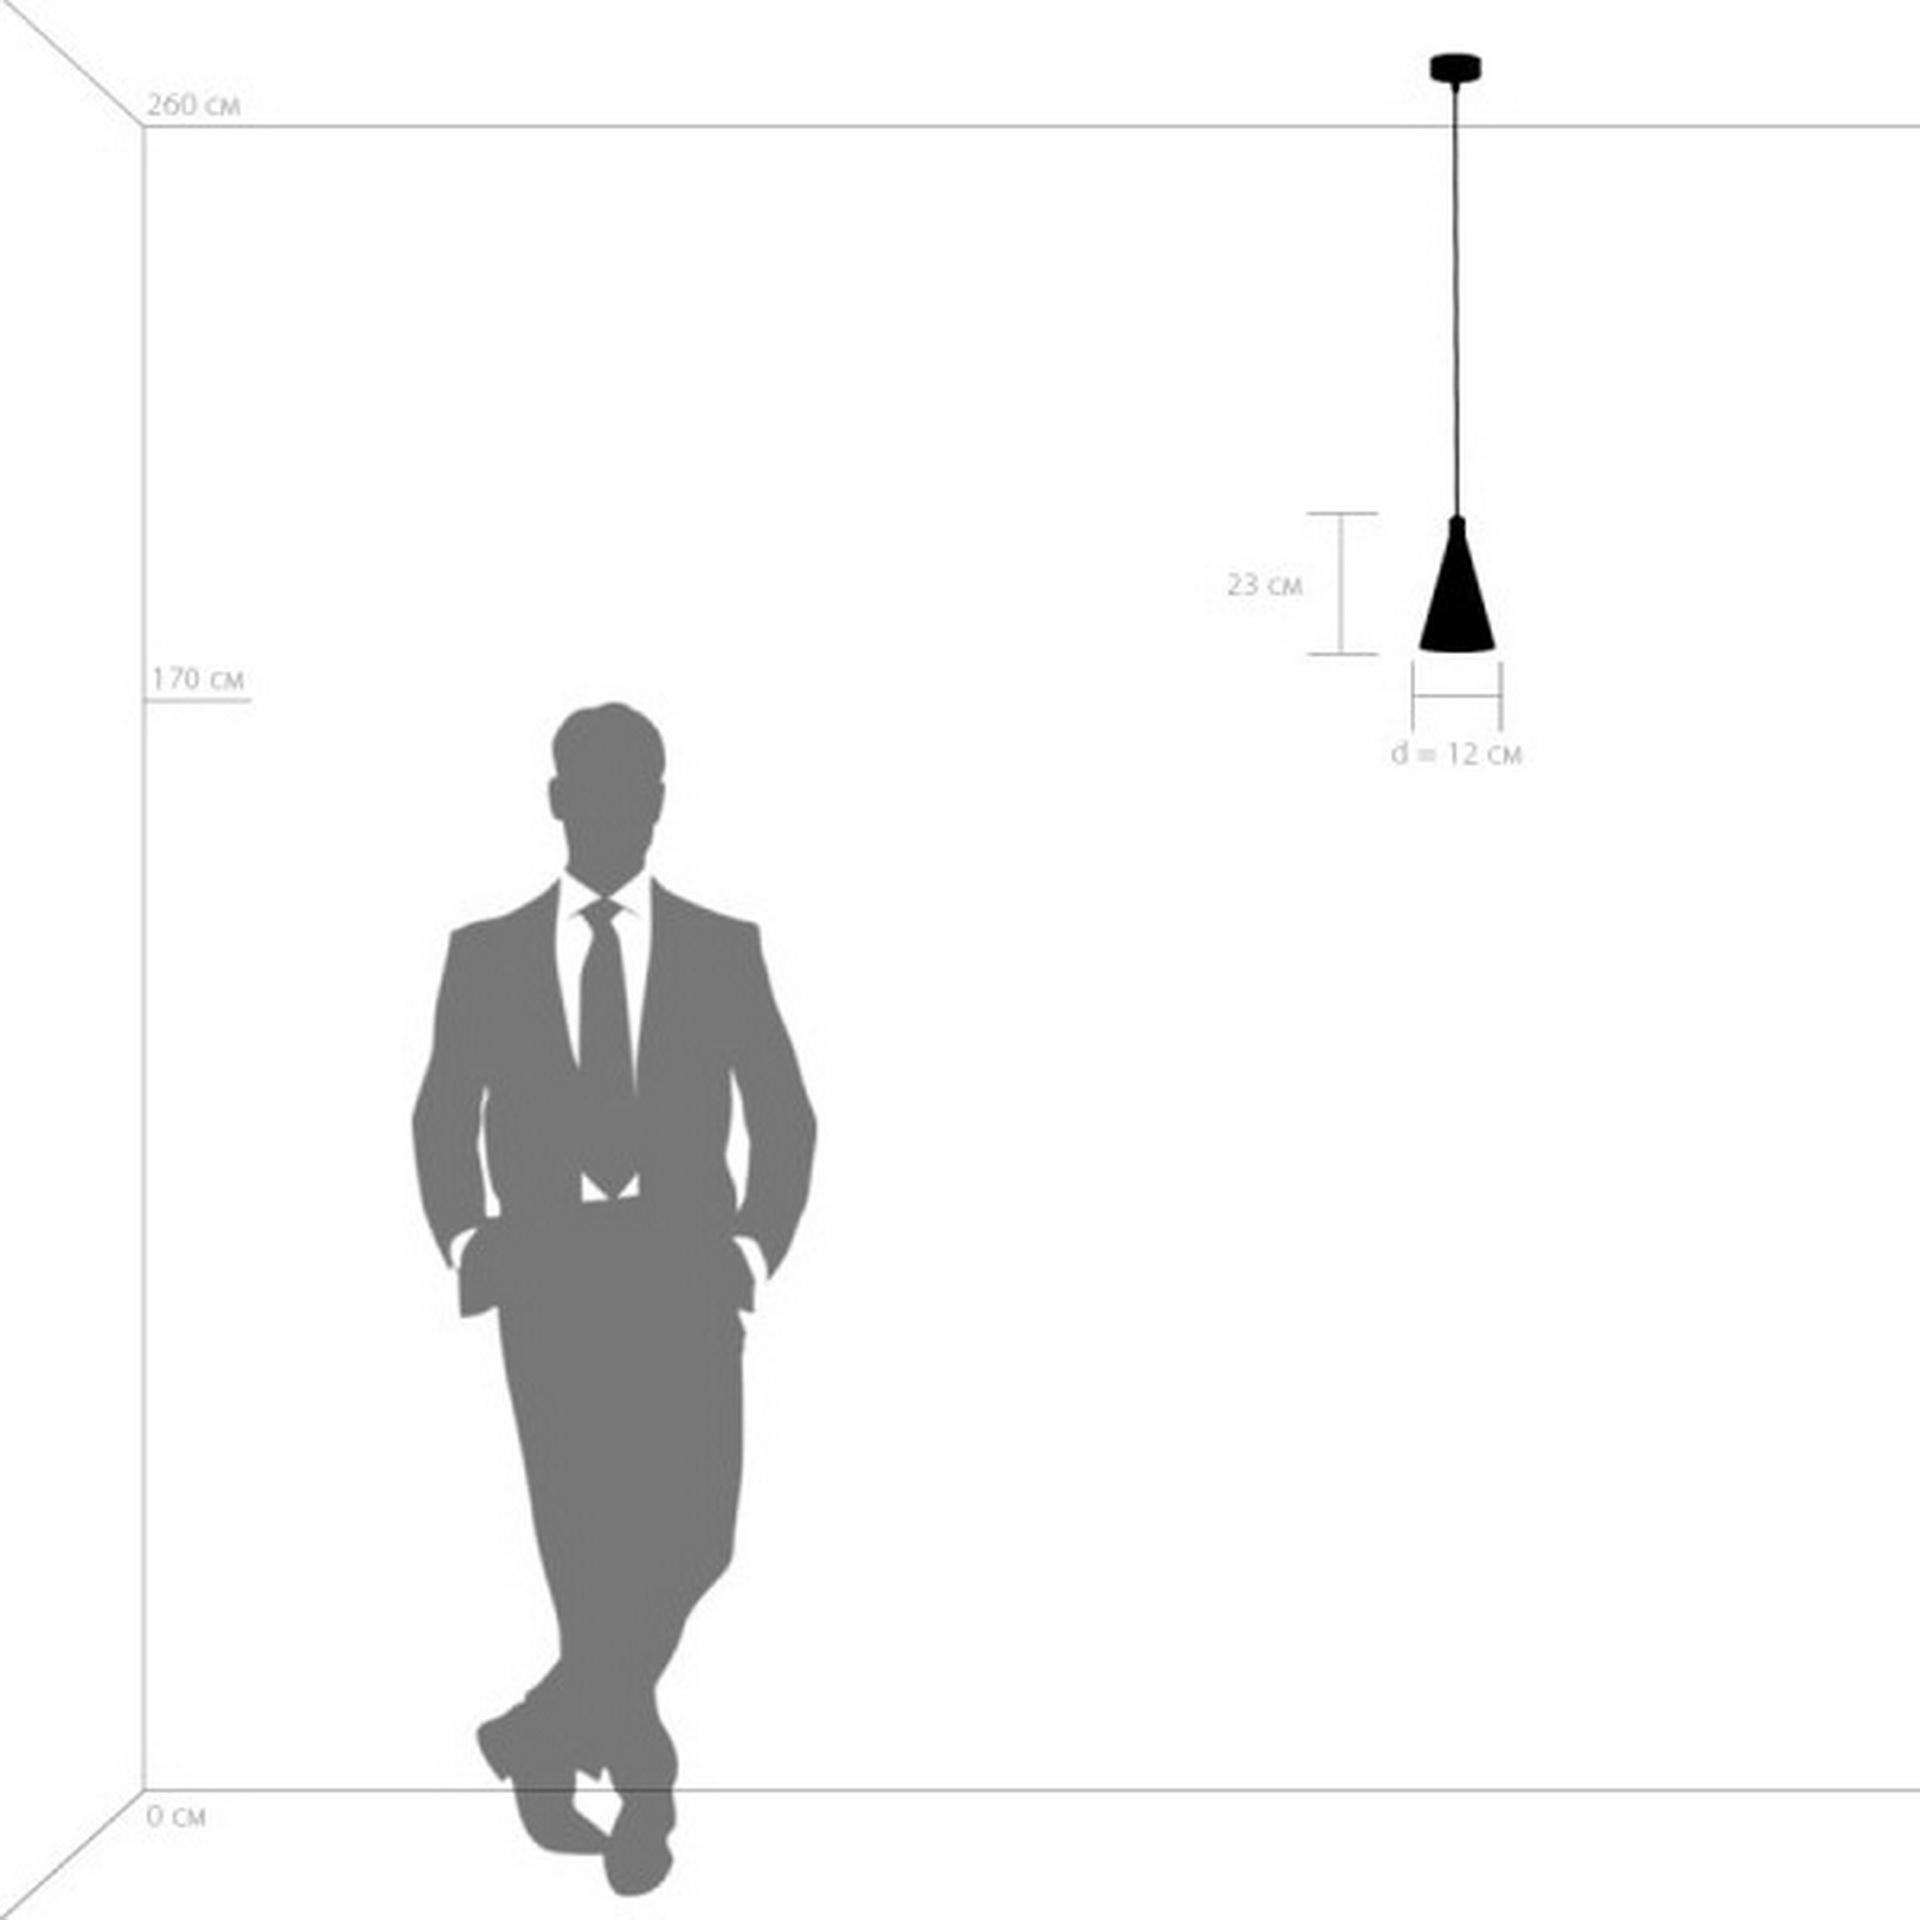 Подвесная люстра CONE LightStar 757017 цвет - черый матовый, купить в СПб, Москве, с доставкой, Санкт-Петербург, интернет-магазин люстр и светильников Starlight, фото в жизни